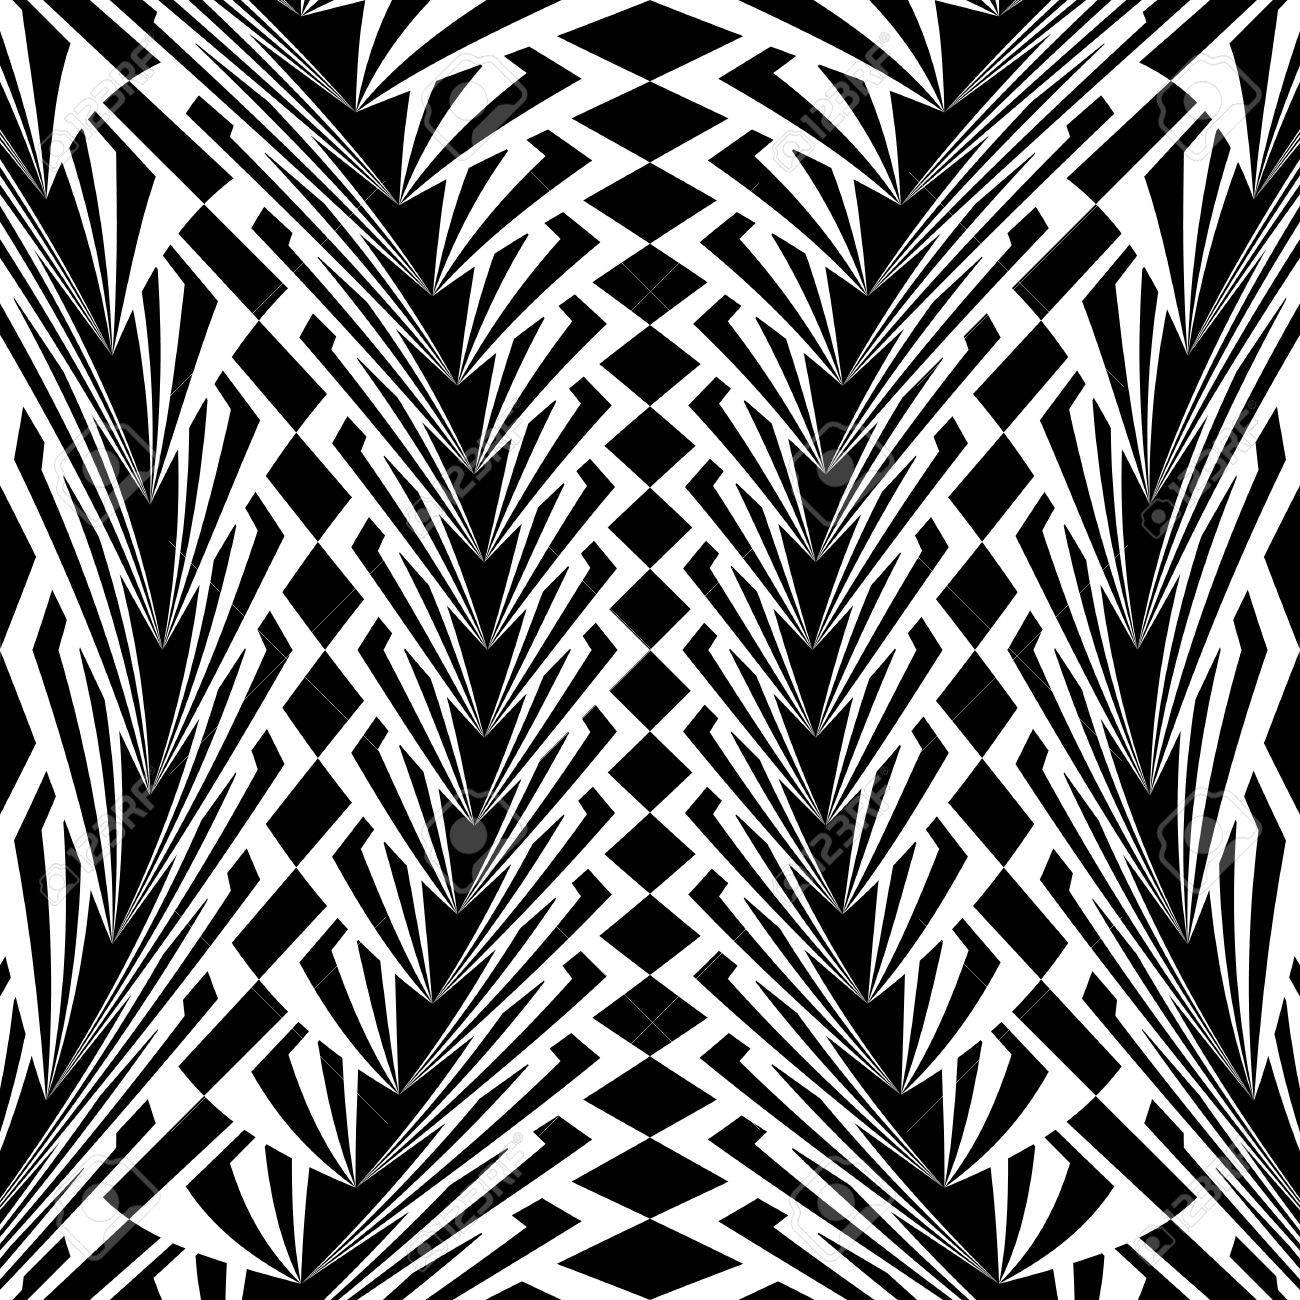 Disegni Geometrici Bianco E Nero disegno in bianco e nero deformato disegno geometrico verticale. priorità  stripy sfondo con texture. vector art. nessuna sfumatura